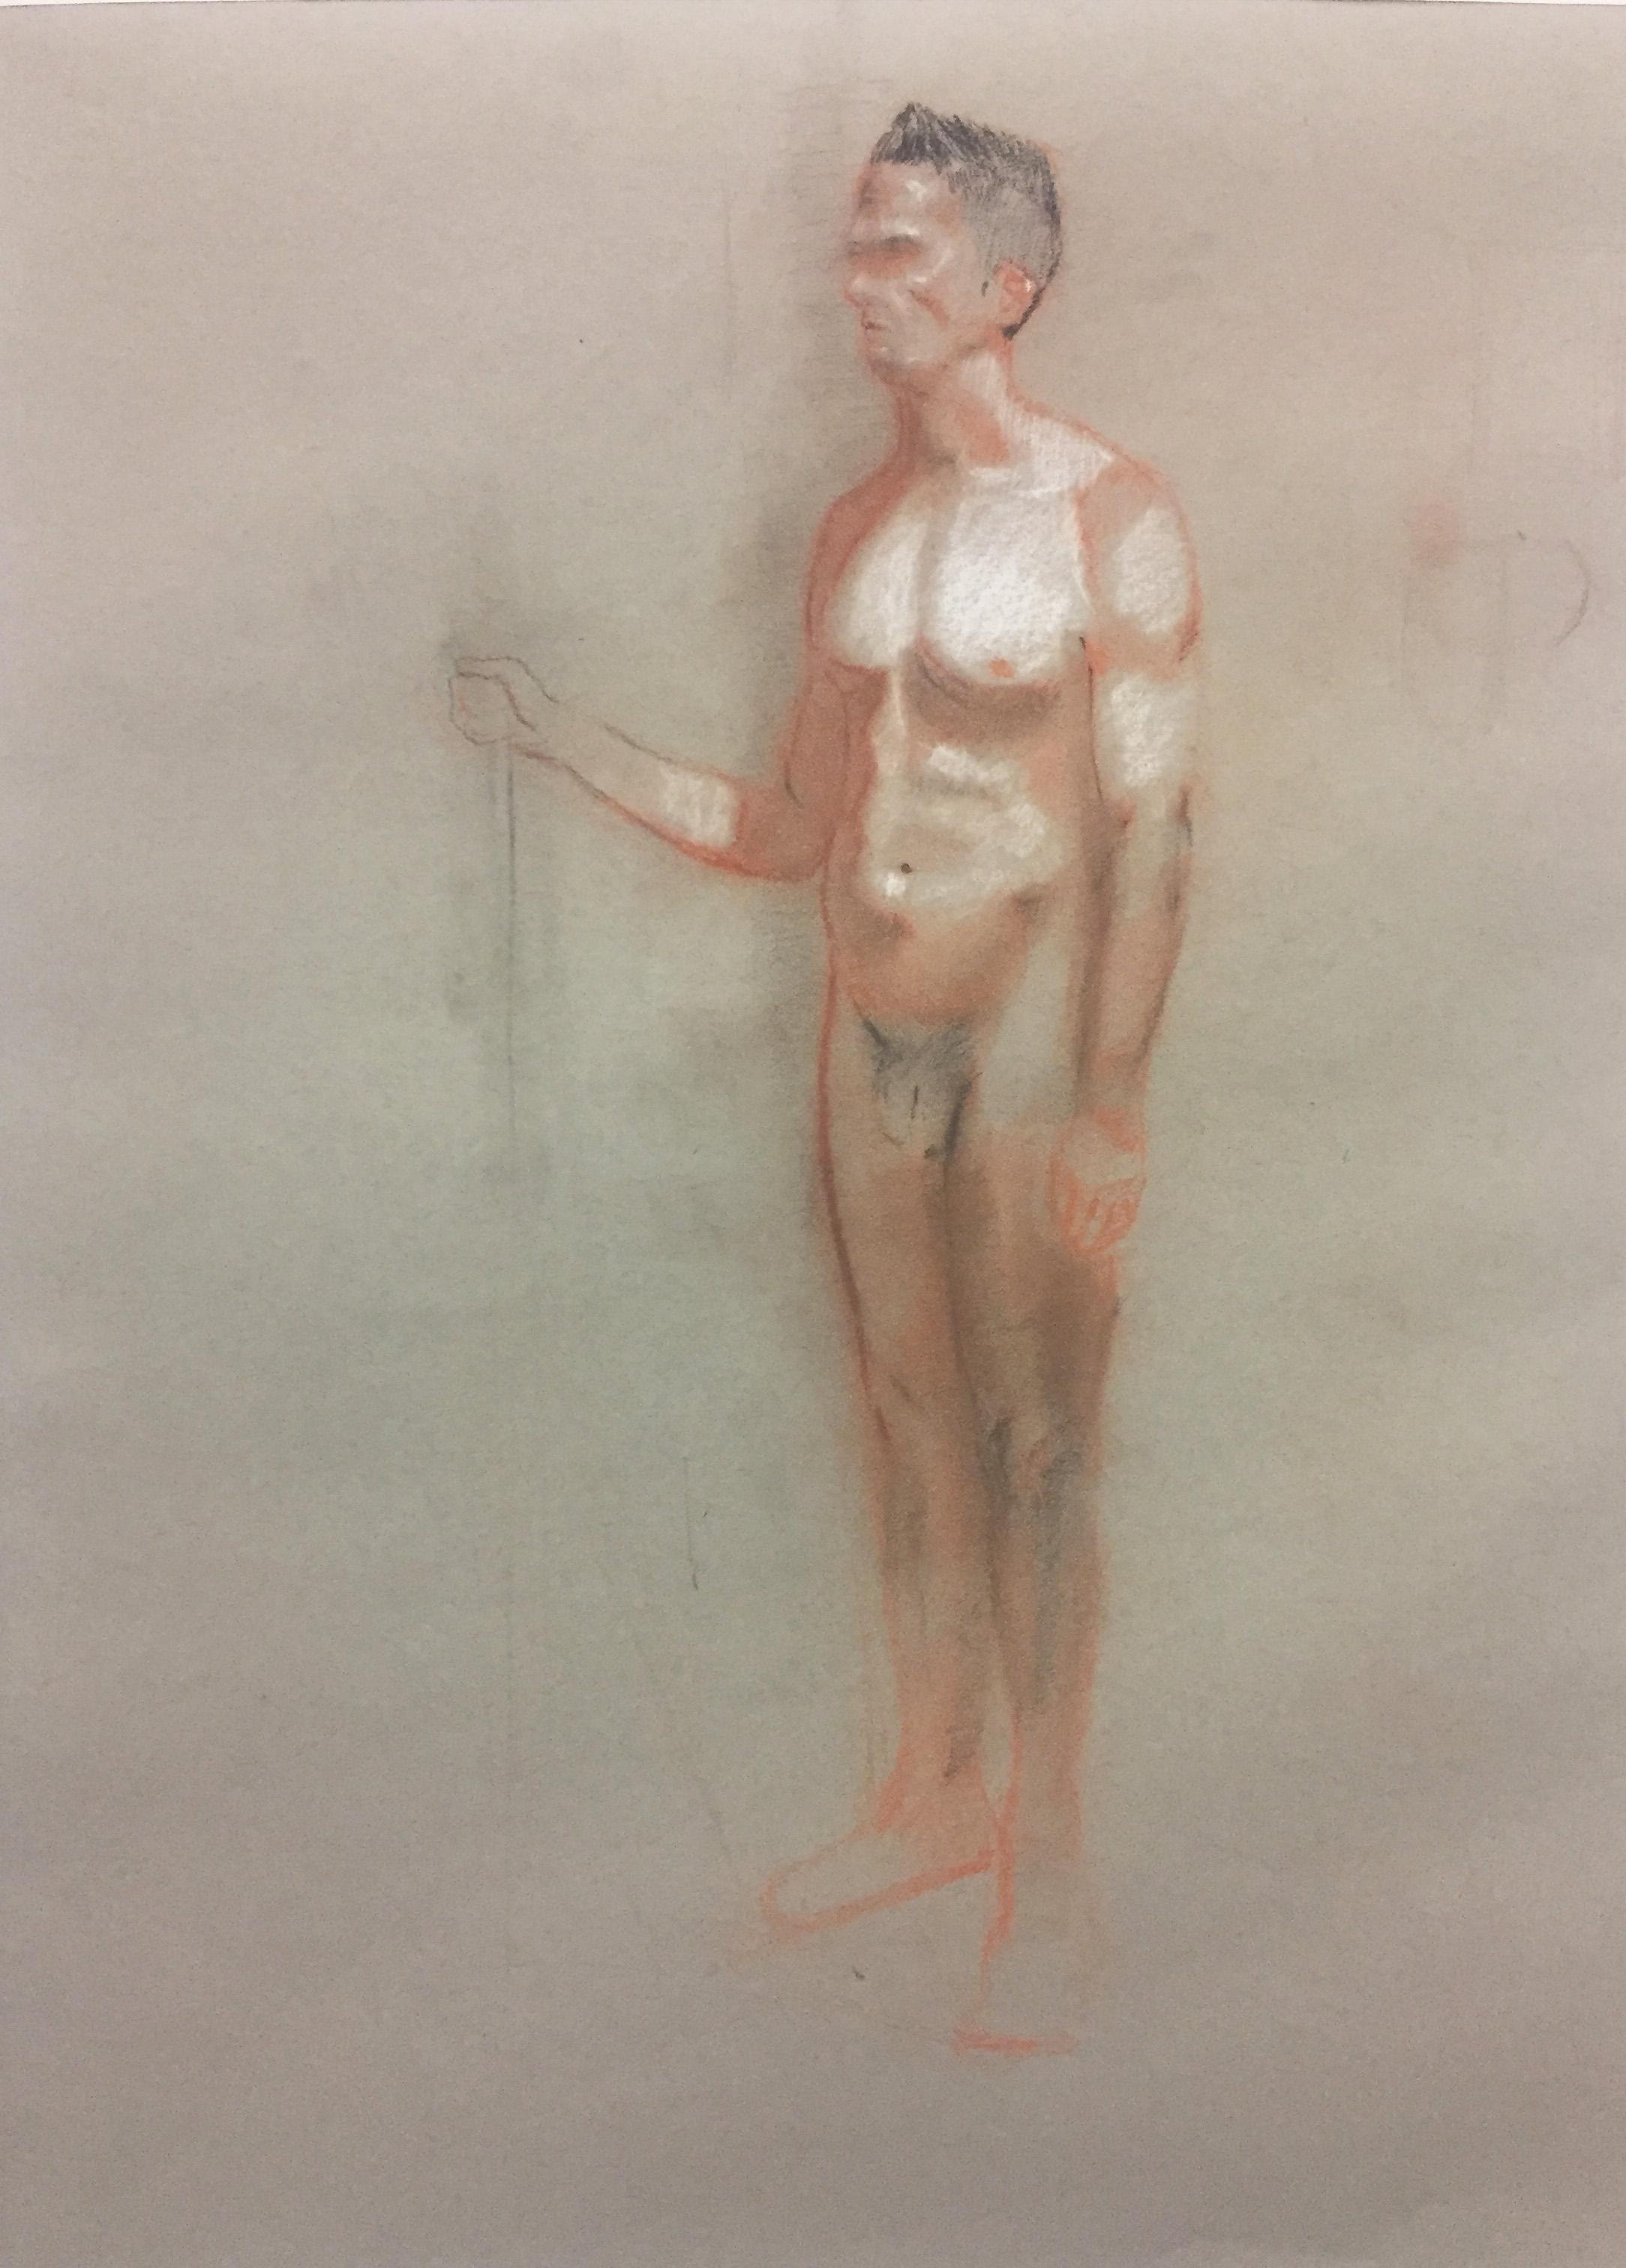 nudey.jpg